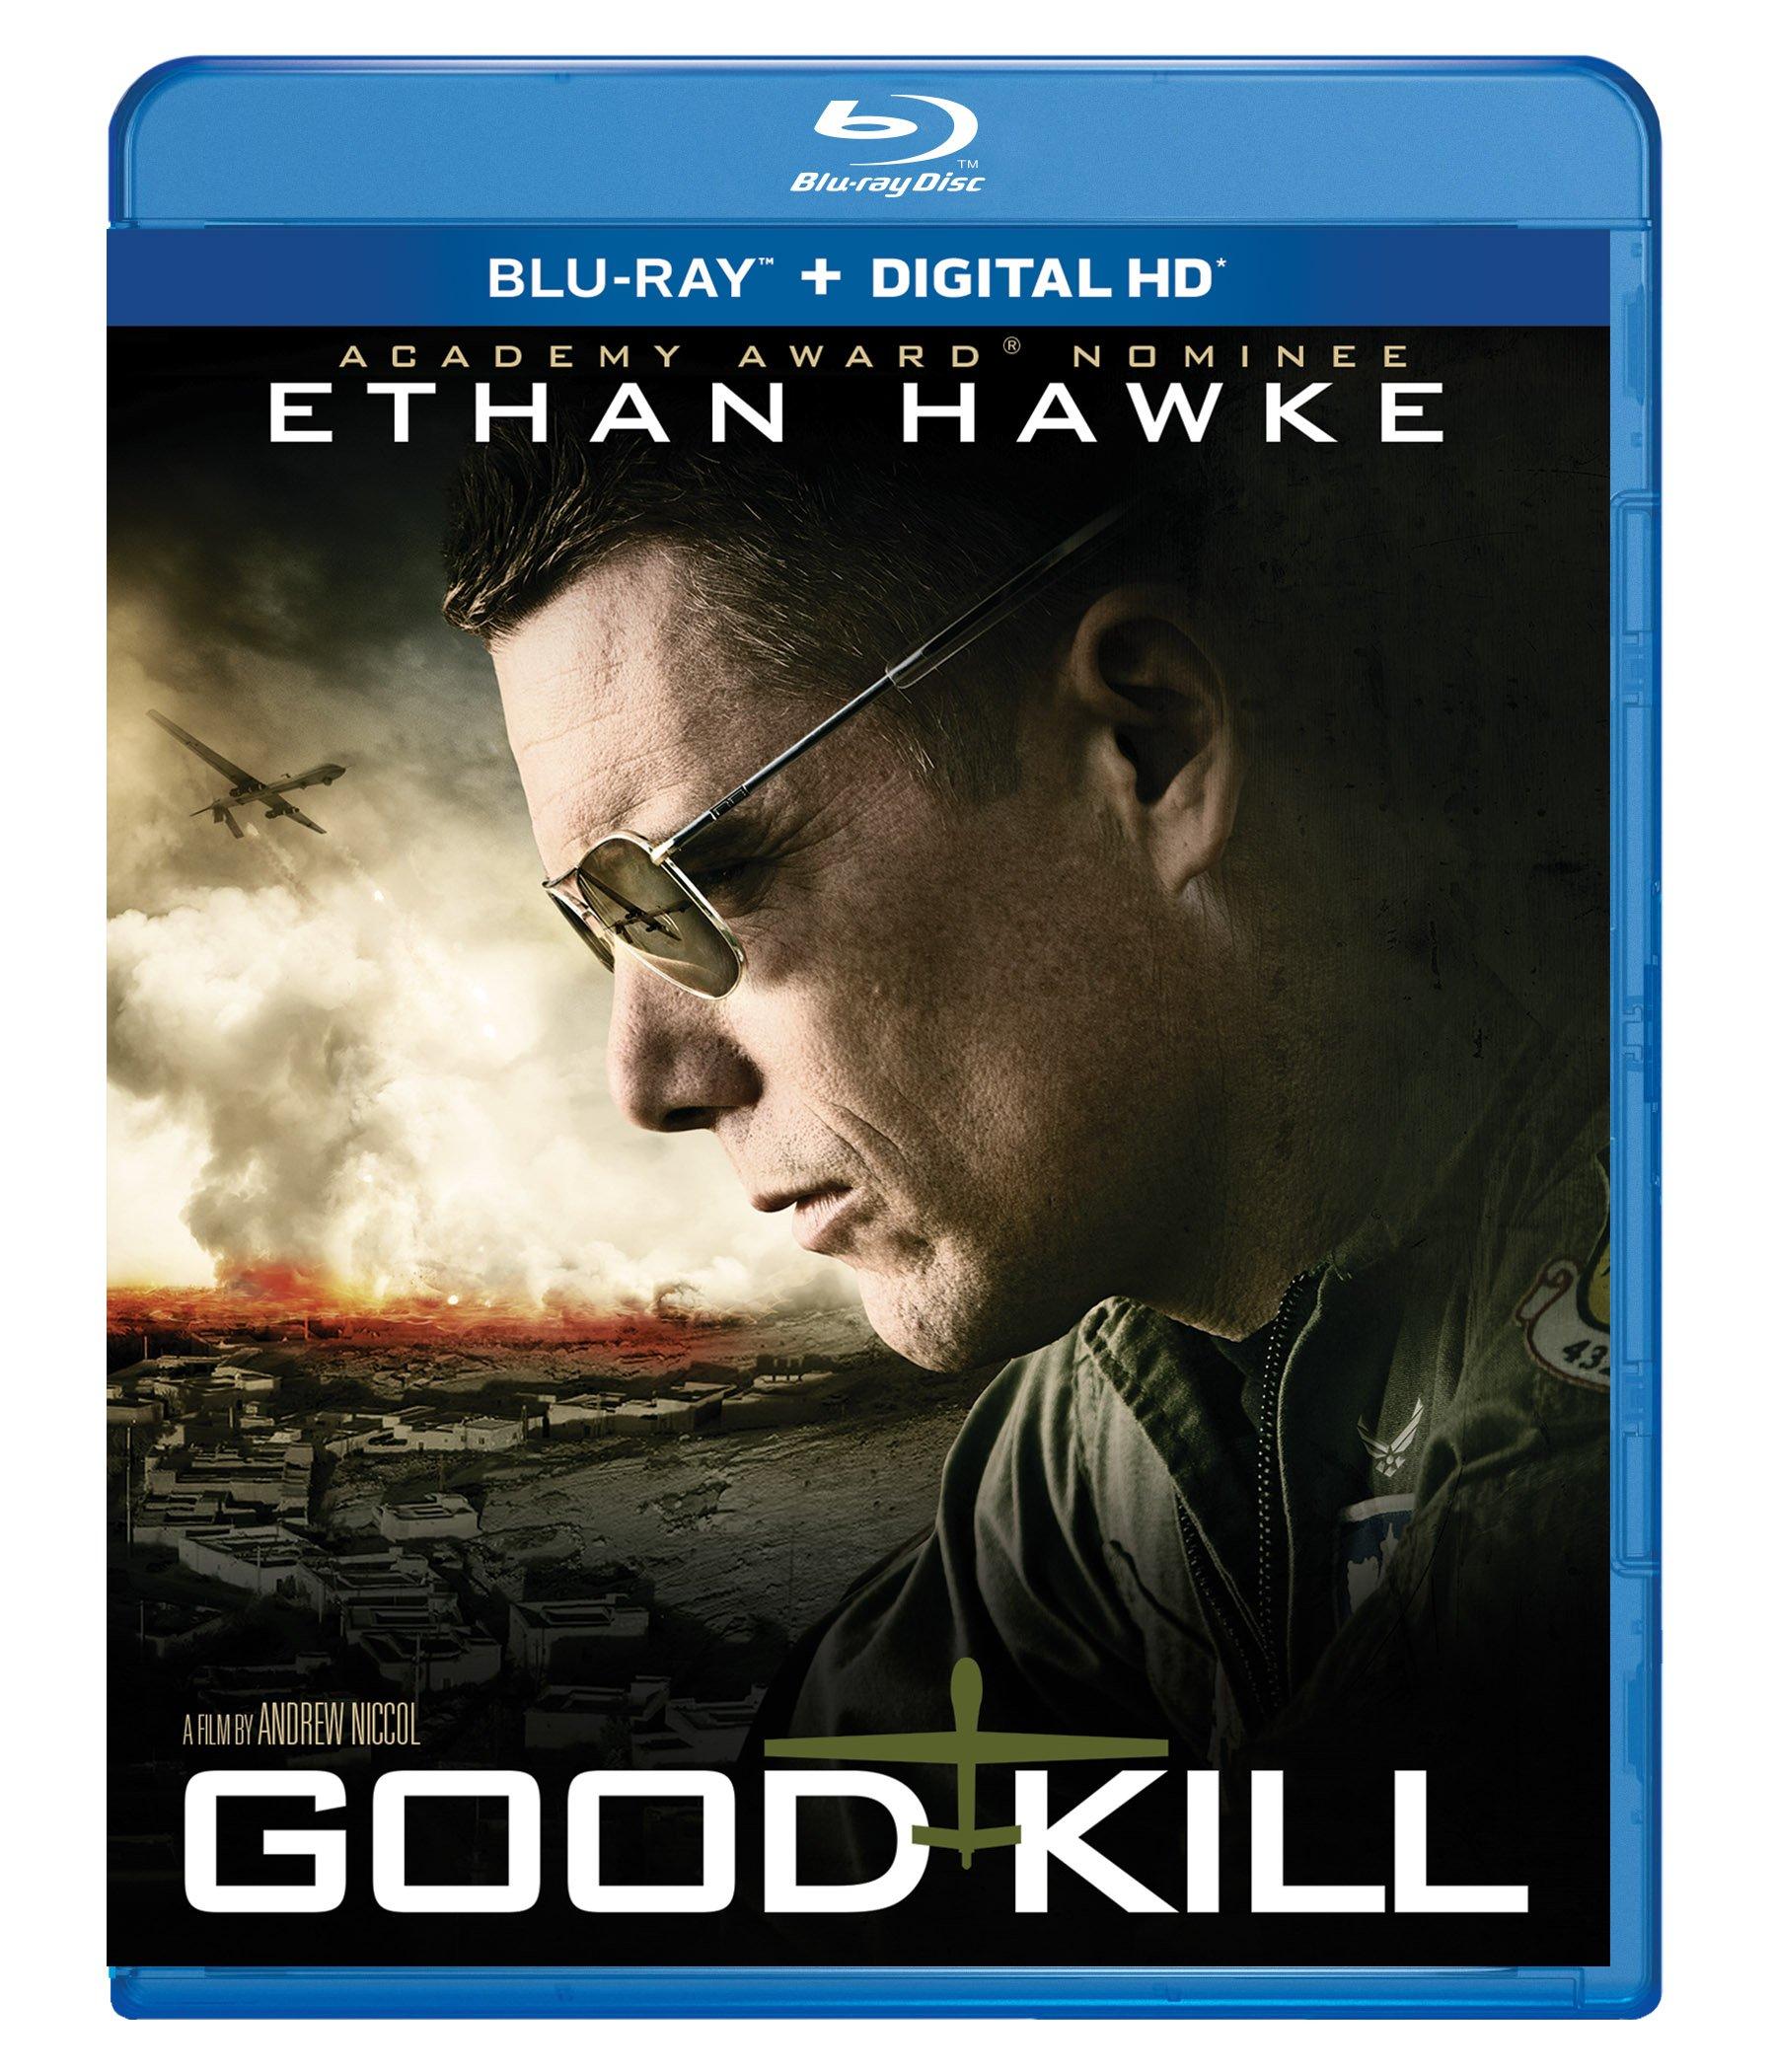 Blu-ray : Good Kill (Widescreen, , AC-3, Digital Theater System, Sensormatic)